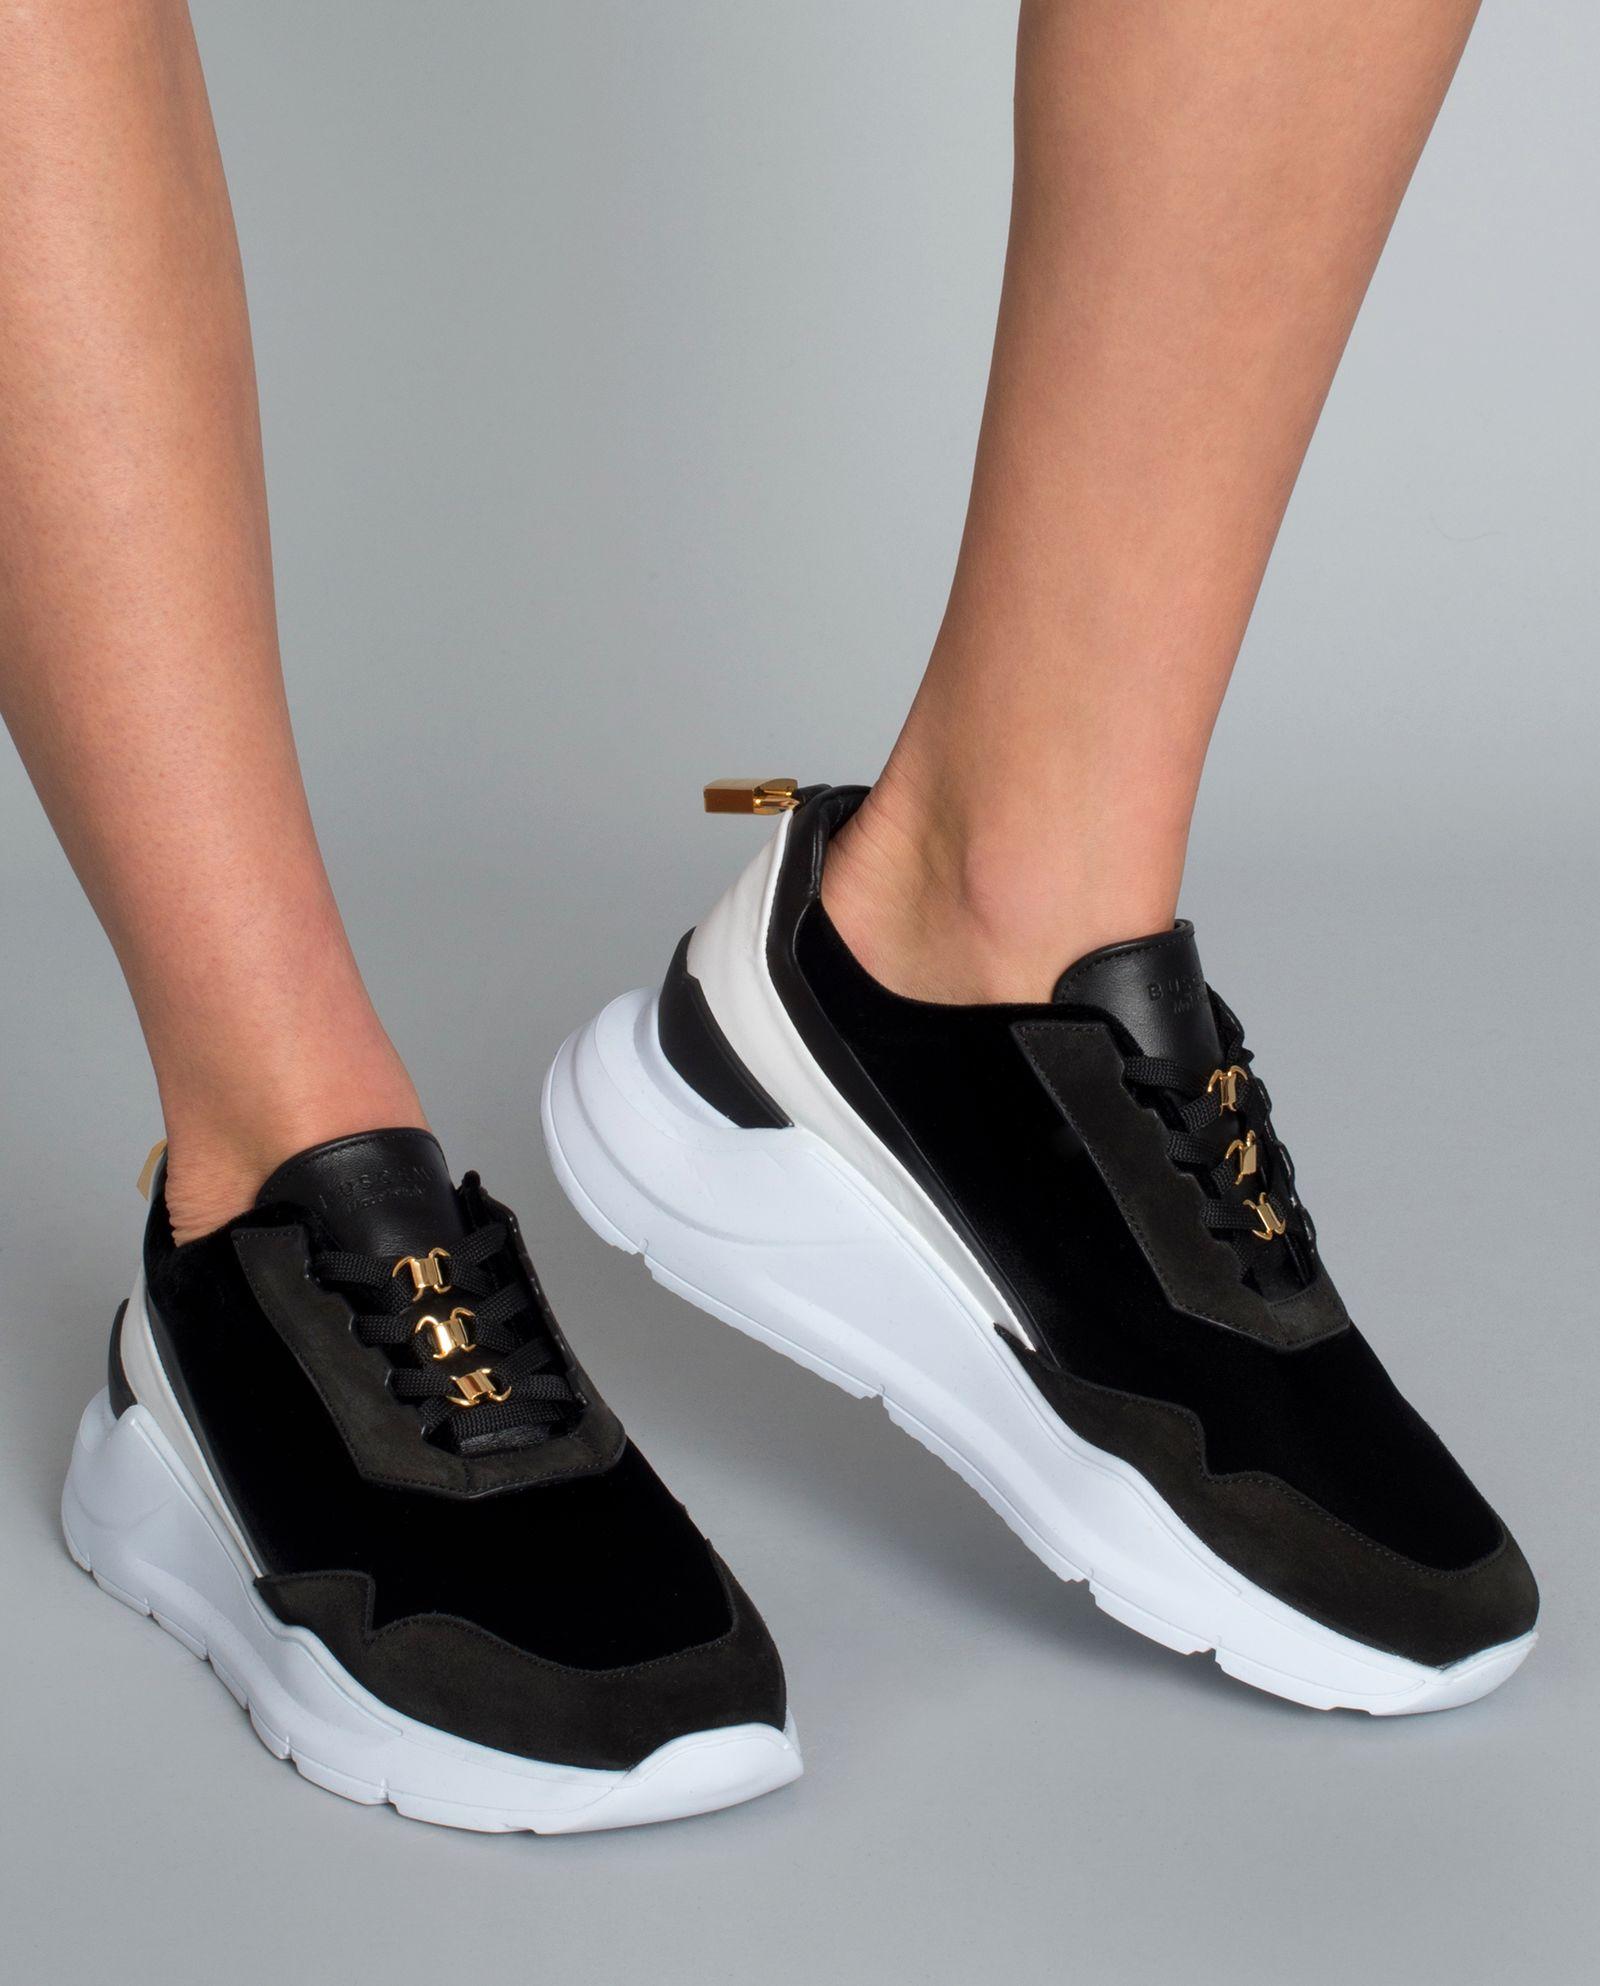 Kožené sneakersy BUSCEMI – Kup teď! Nejlepší ceny a recenze! Obchod  Moliera2.cz. c9be2a03f6